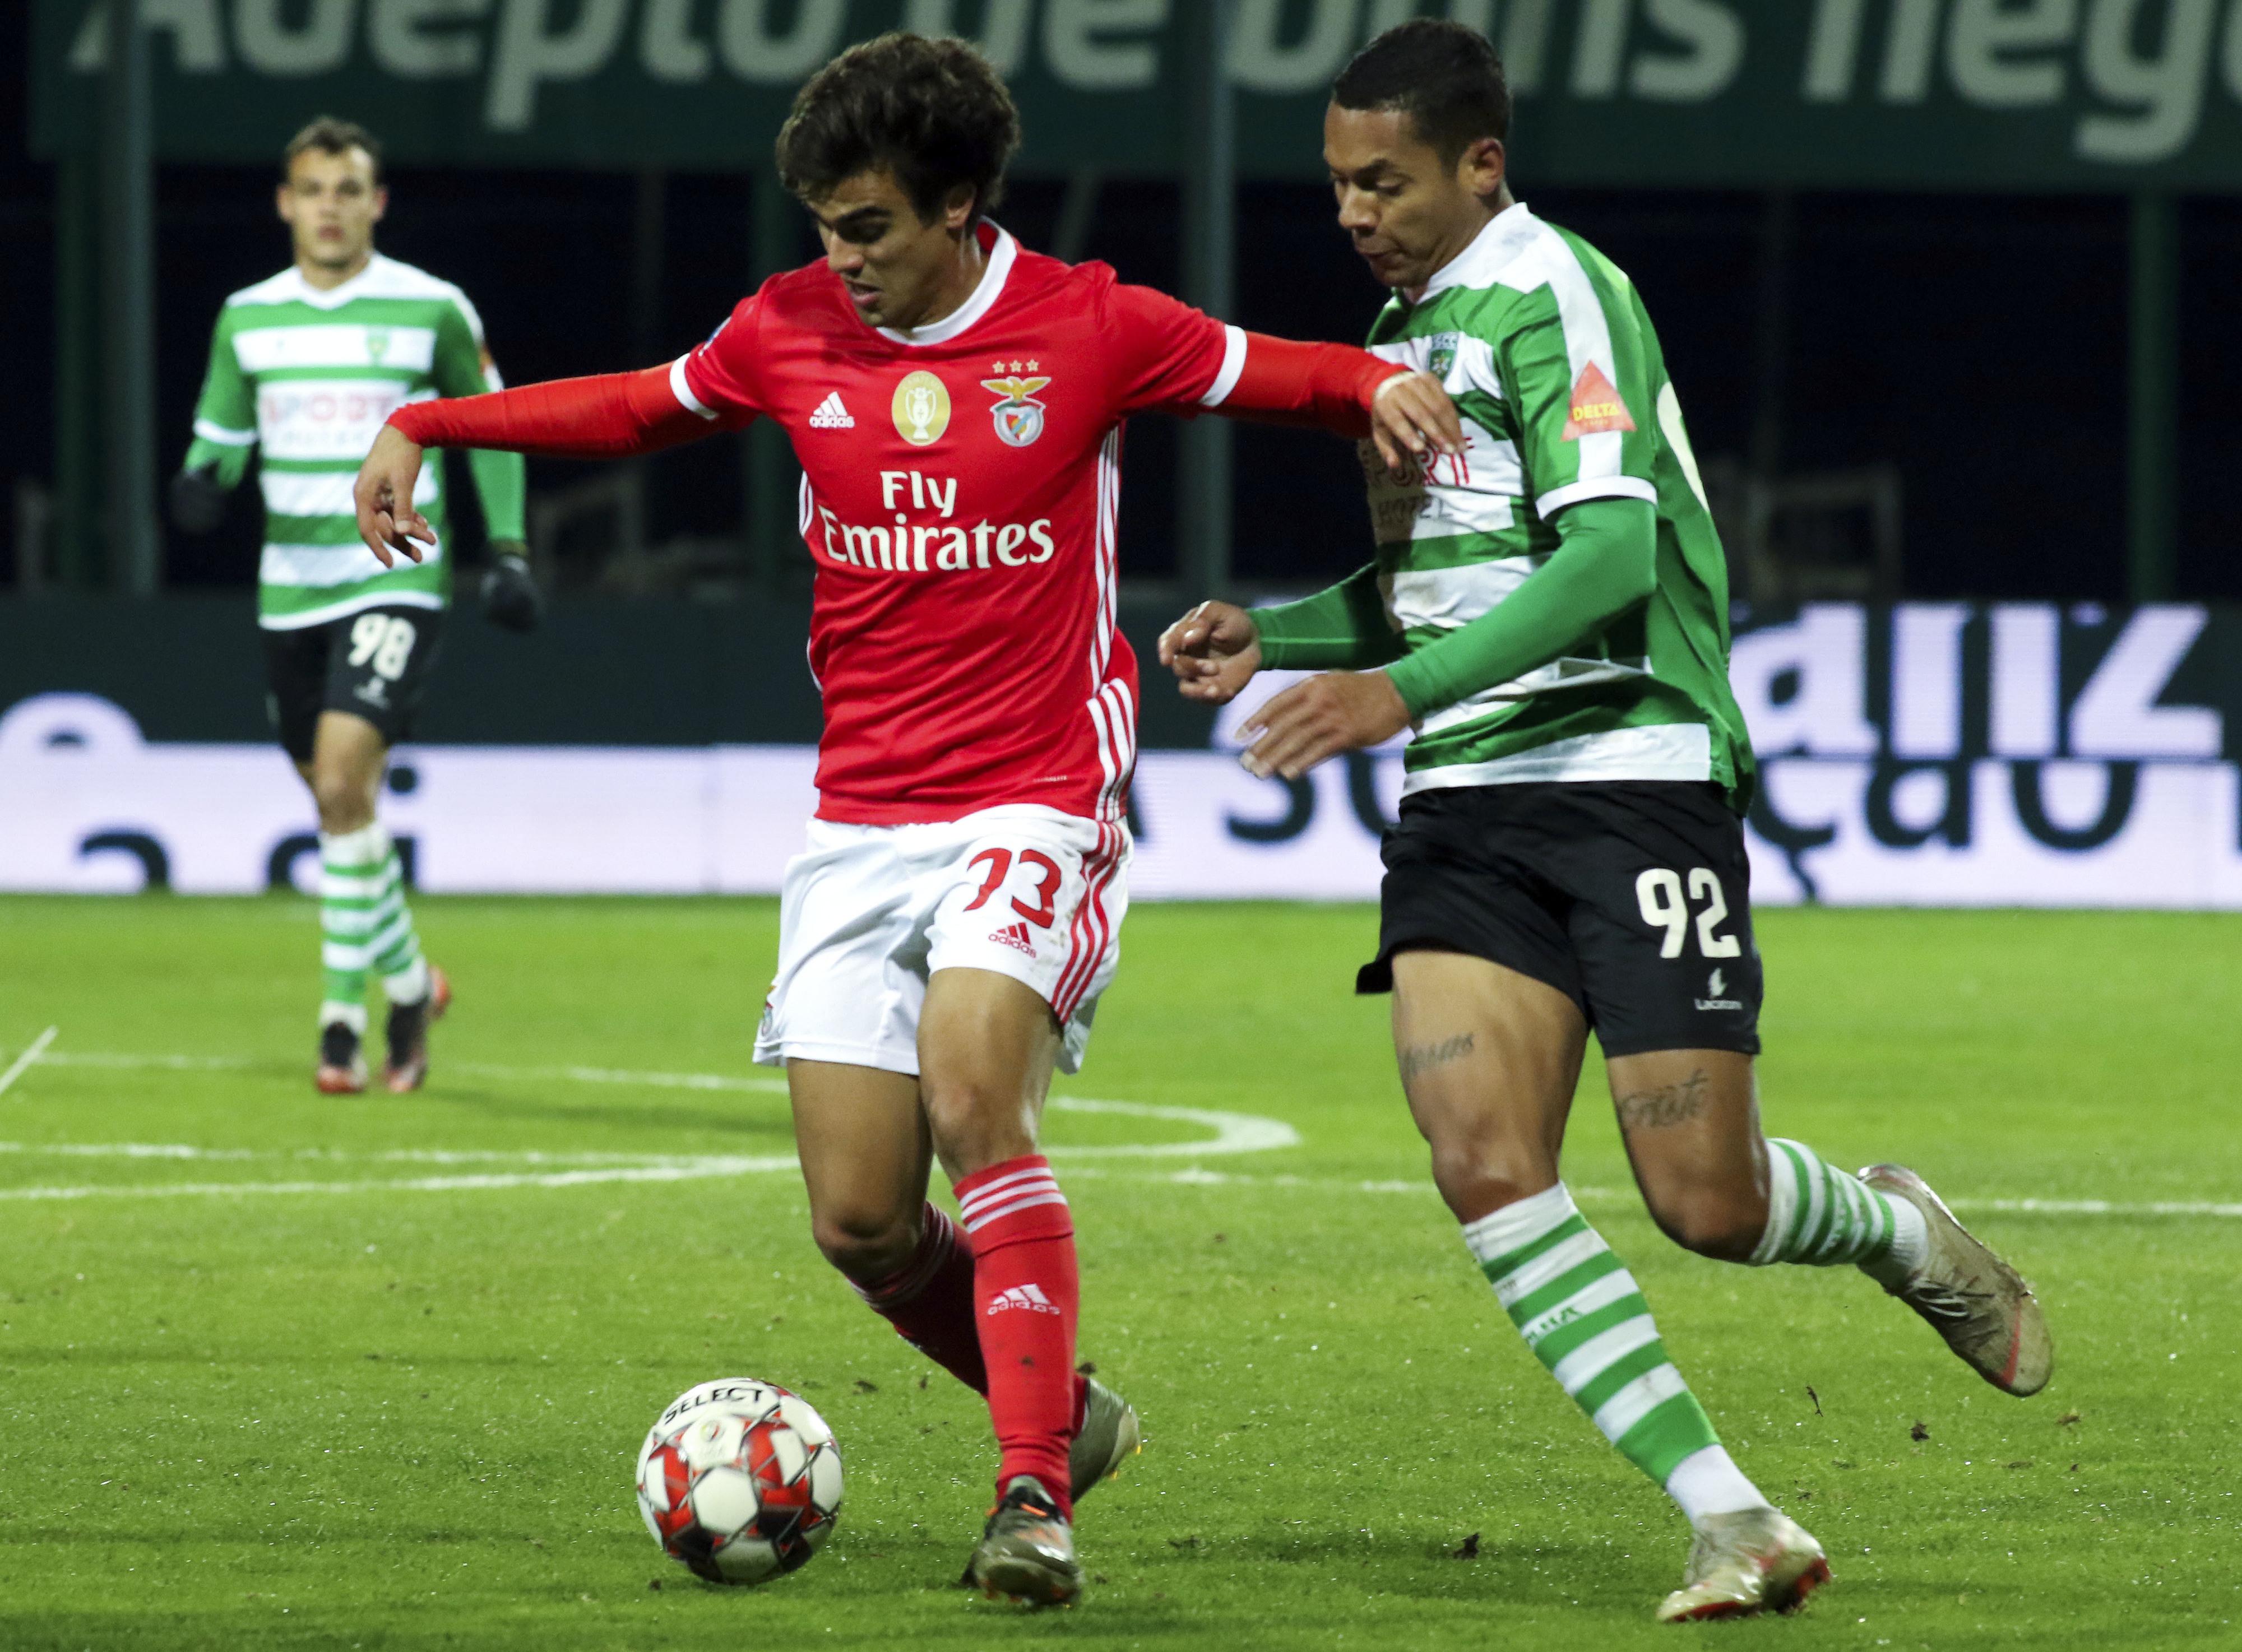 Sp. Covilhã 1-1 Benfica: Contas voltam a complicar-se, agora na Taça da Liga